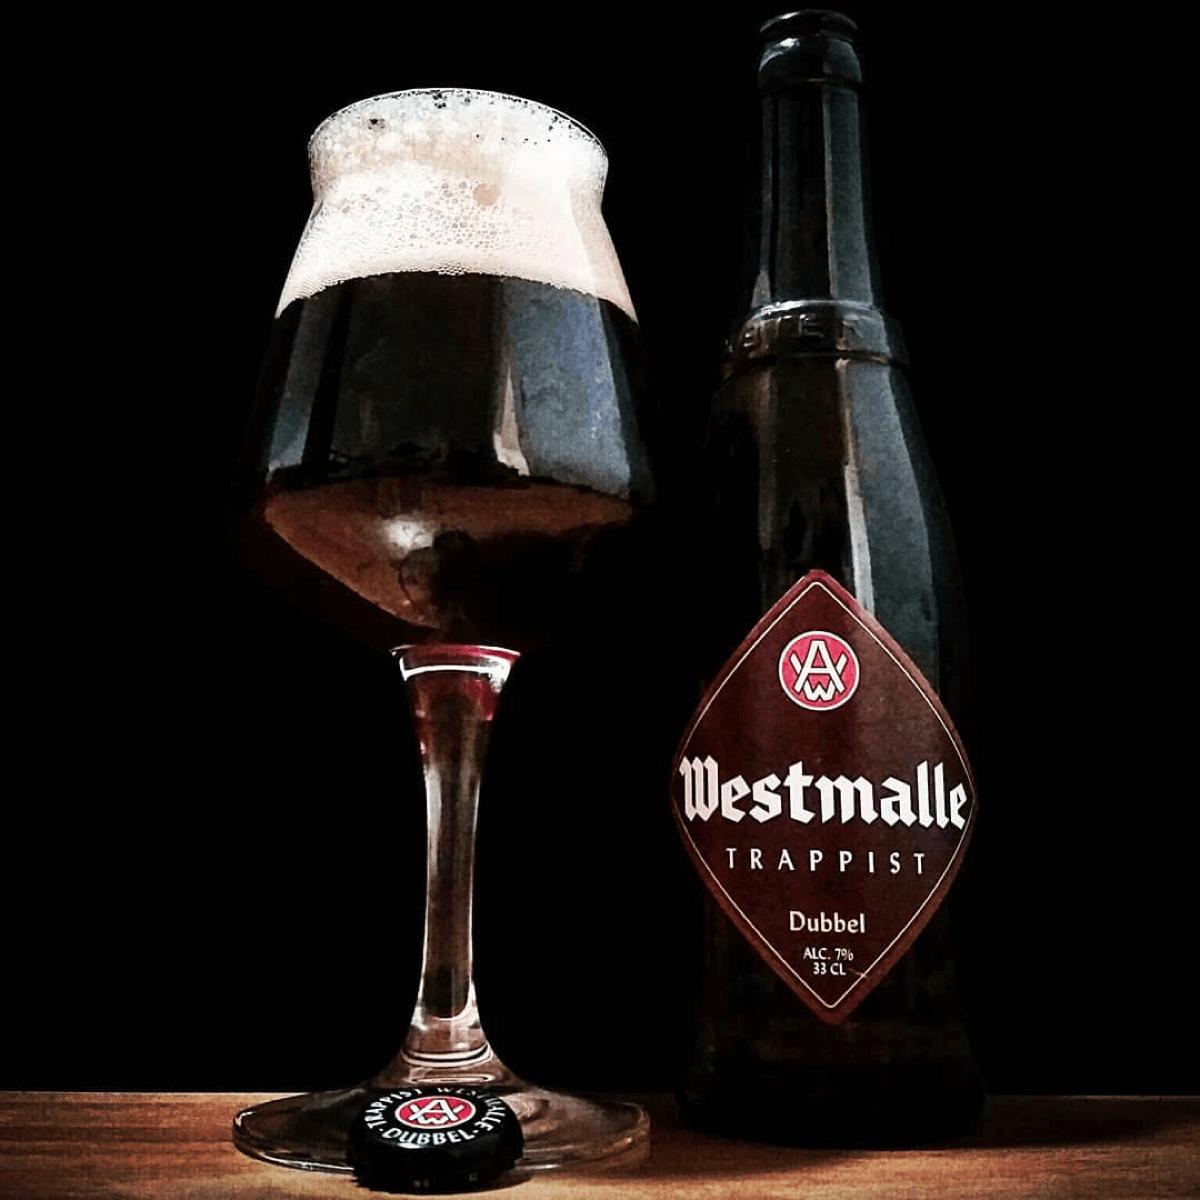 La Westmalle Dubbel est notée 99/100 sur le site RateBeer, ce qui en fait l'une des bières les plus appréciées au monde